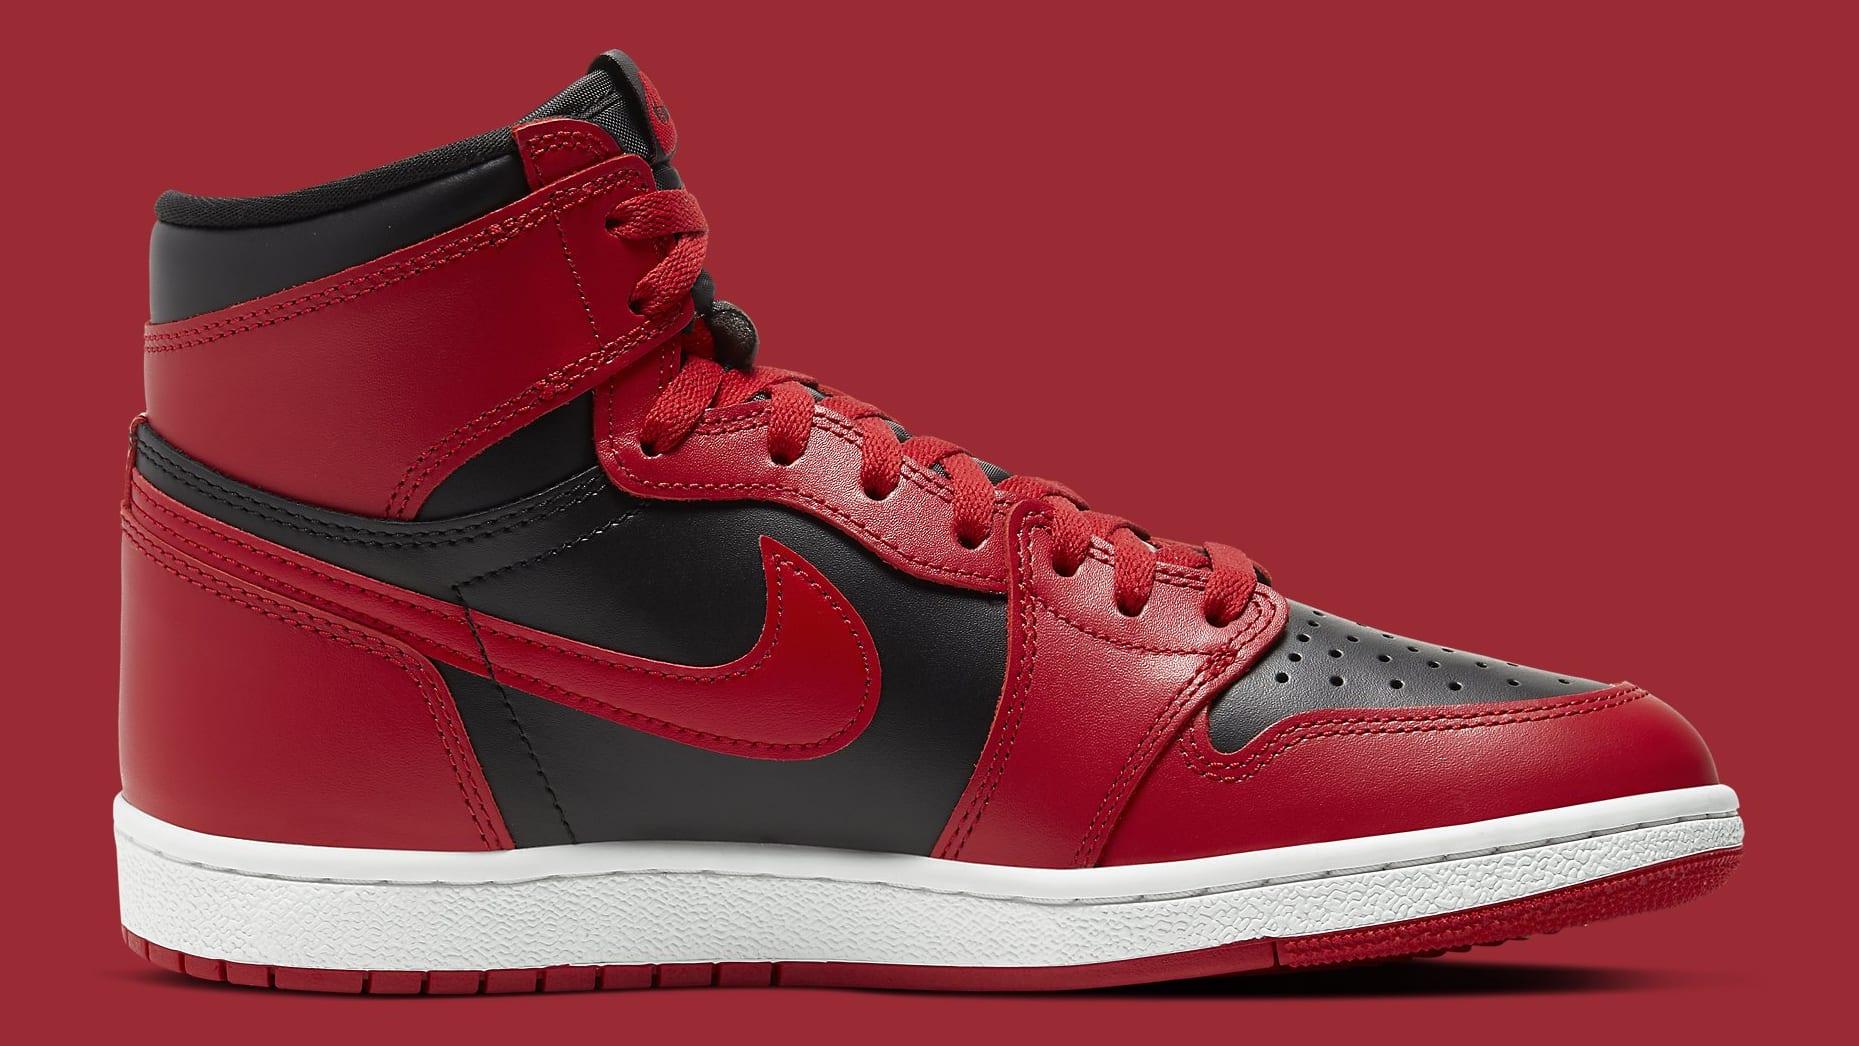 Air Jordan 1 High New Beginnings Varsity Red Release Date BQ4422-600 Medial